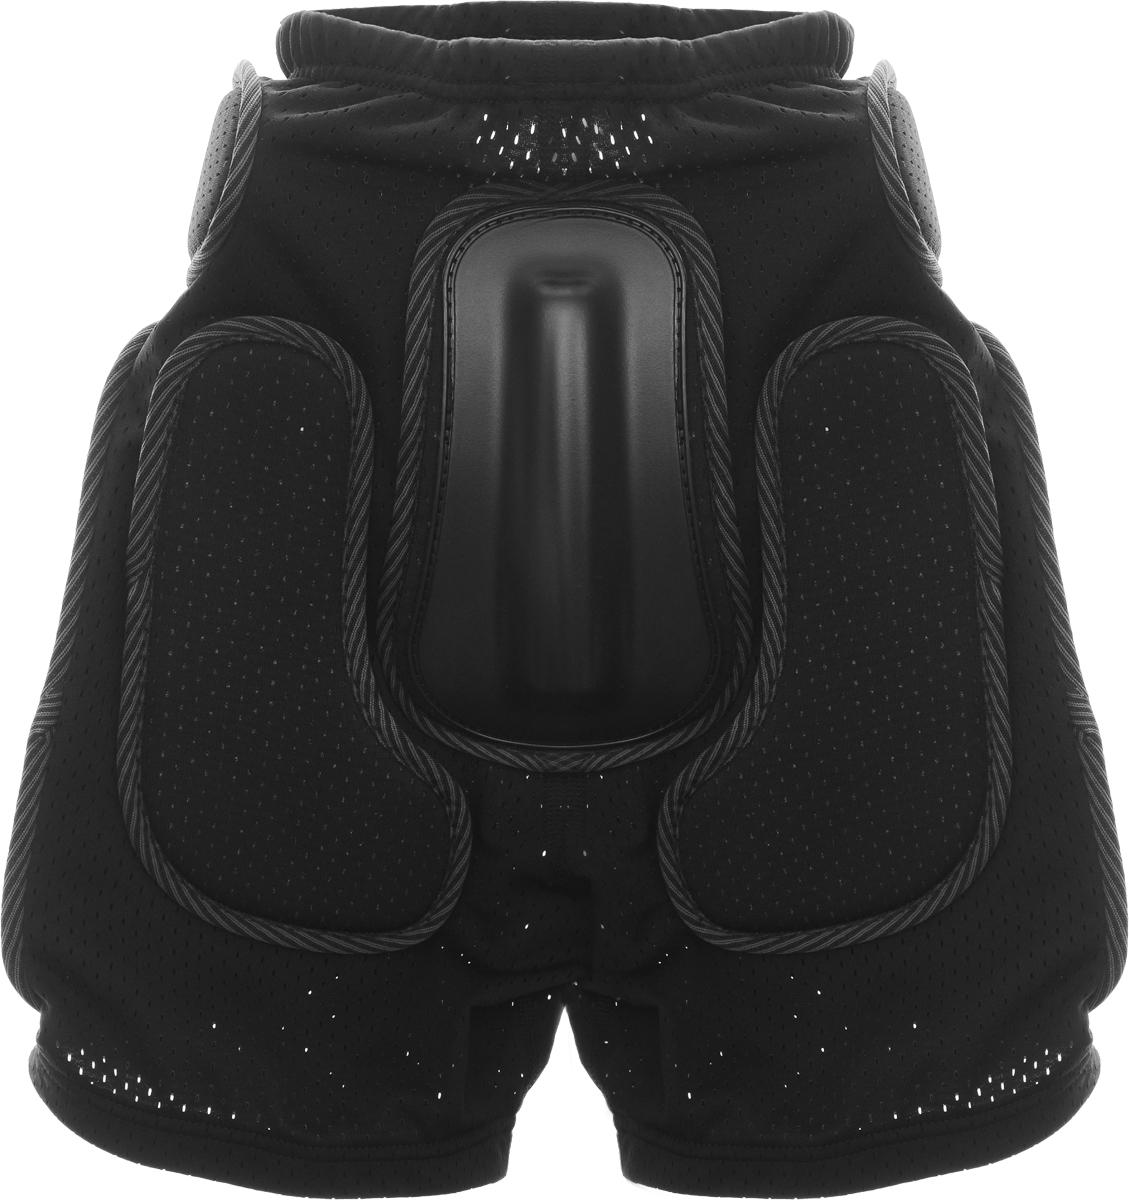 Шорты защитные Biont Комфорт, цвет: черный, размер XLAN5201520Защитные шорты Biont Комфорт - это необходимая часть снаряжения сноубордистов, любителей экстремального катания на роликах, байкеров, фанатов зимнего кайтинга. Шорты изготовлены из мягкой эластичной потовыводящей сетки с хорошей воздухопроницаемостью под накладками без остаточной деформации.Для обеспечения улучшенной вентиляции в шортах используется дышащая сетка спейсер. Комфортные защитные шорты Biont Комфорт идеальный выбор для любителей экстремального спорта. Толщина пластиковых накладок: 8-12 мм.